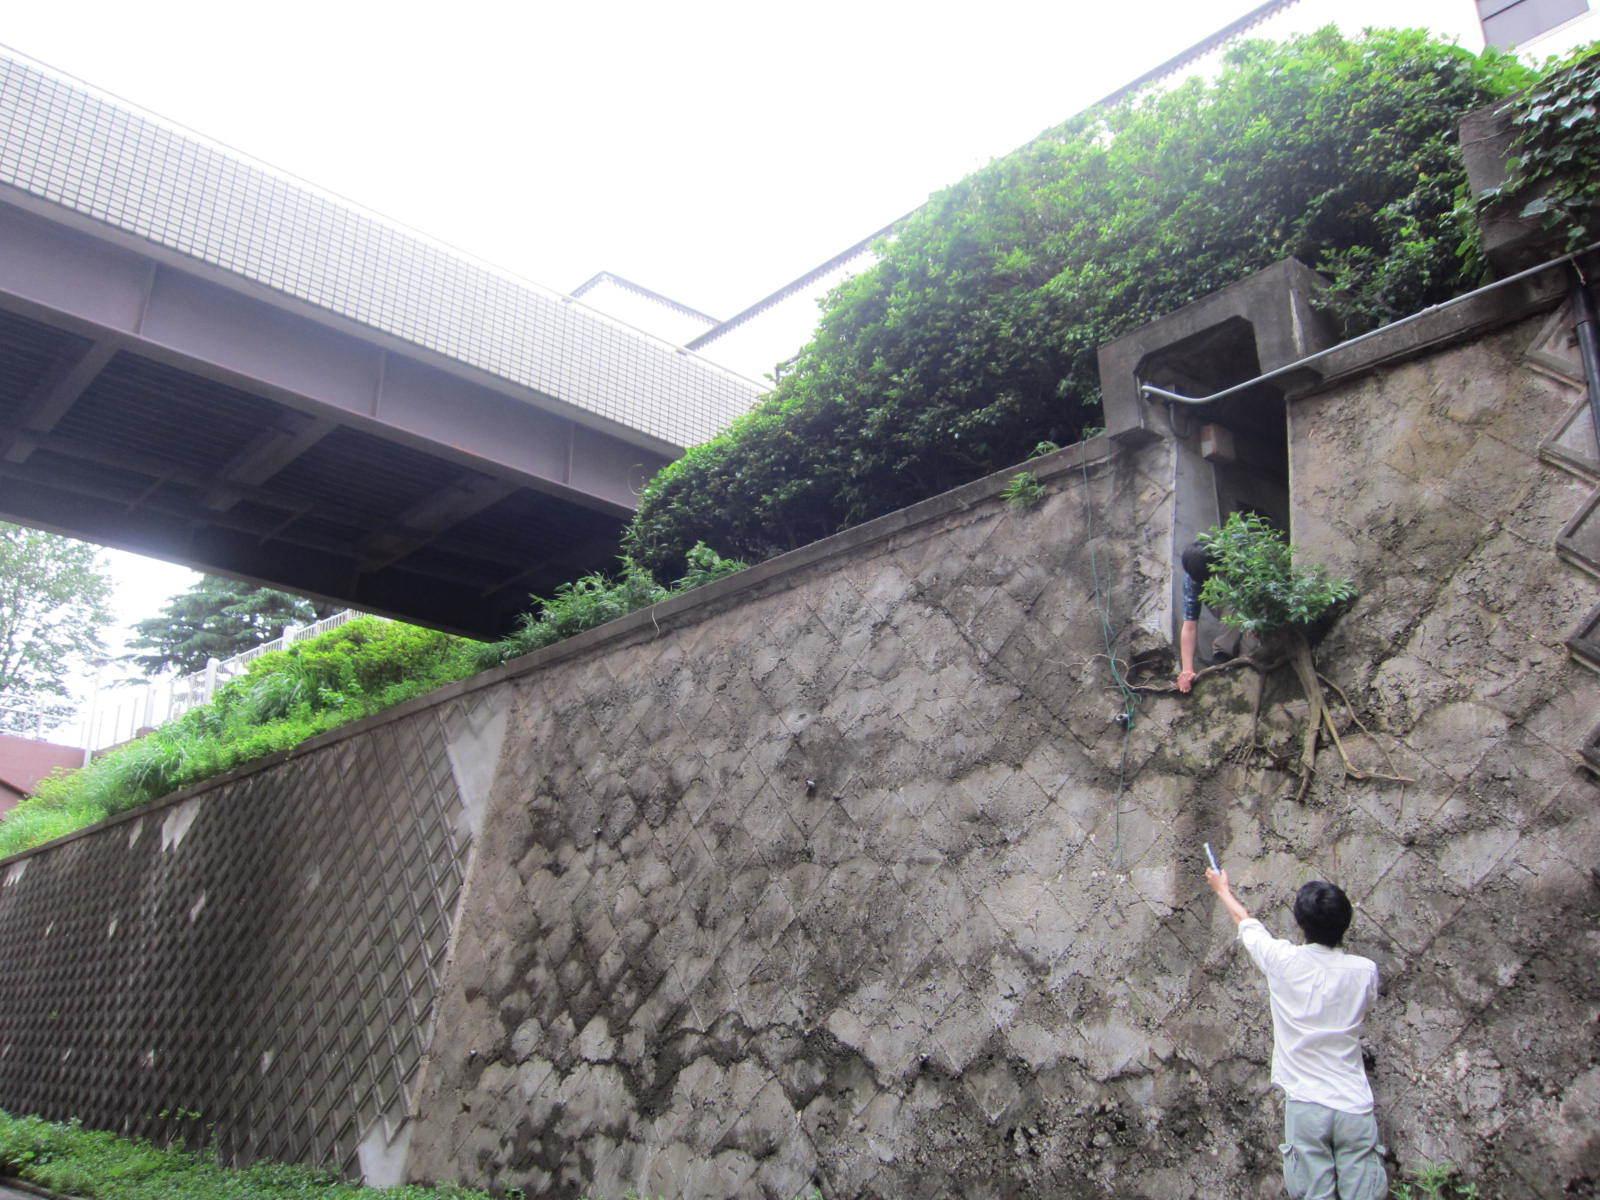 東工大本館の下にある秘密の地下通路 入口は二食目の前の坂